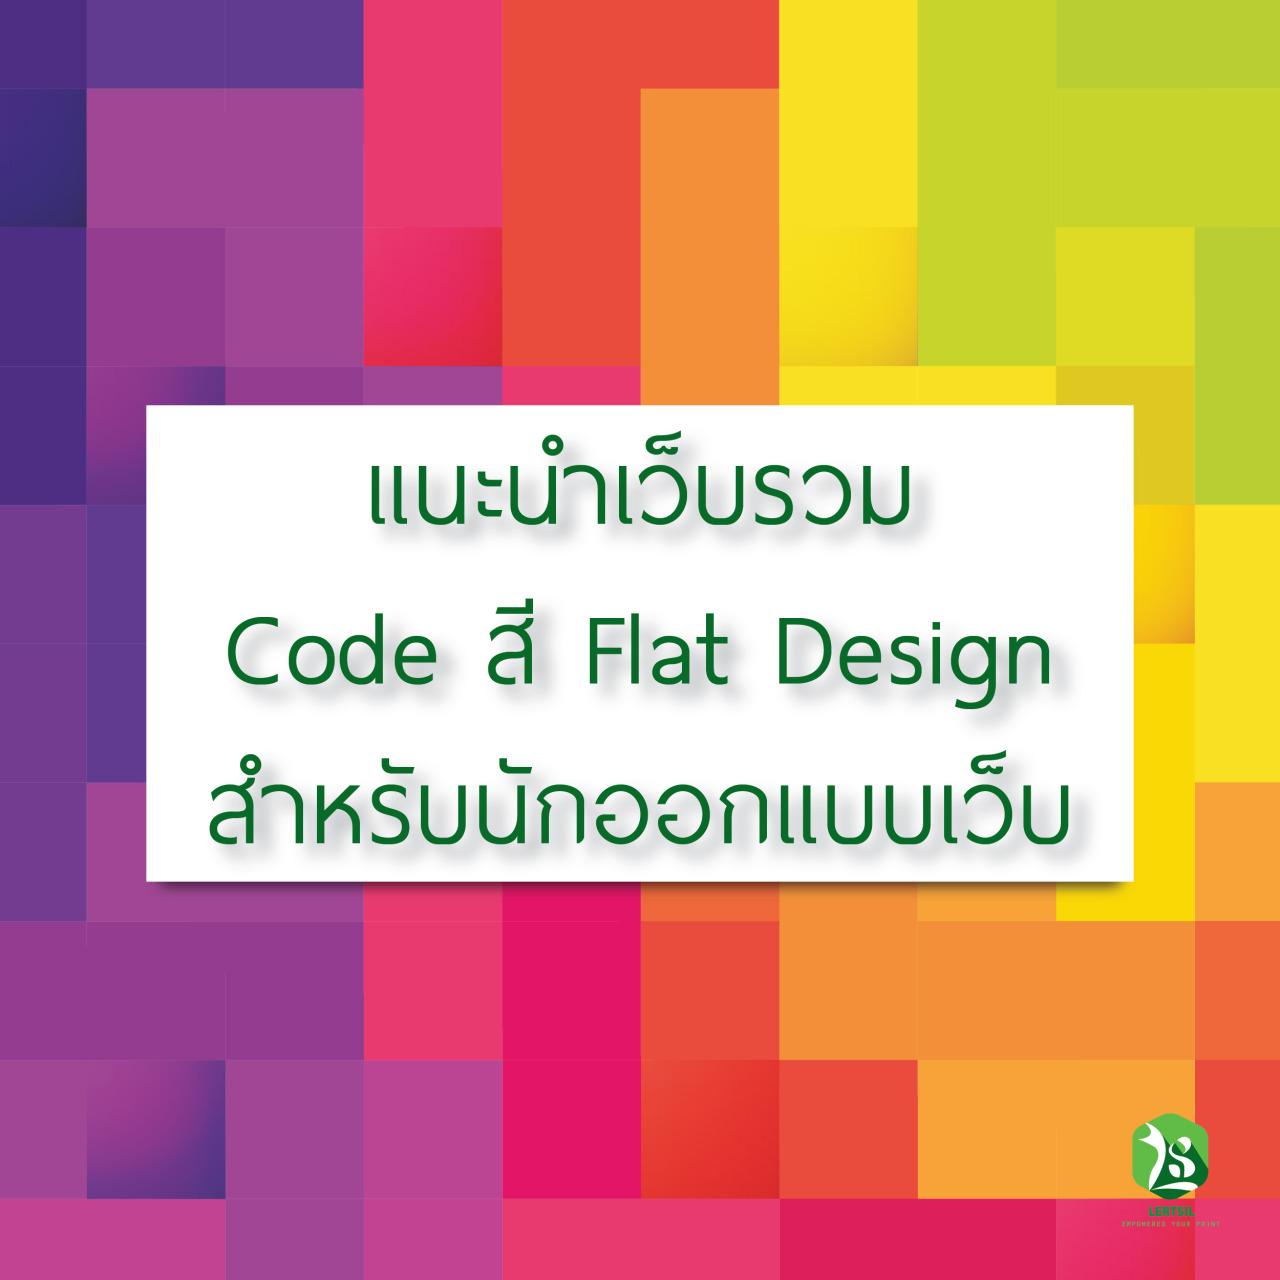 เเนะนำเว็บรวม Code สี Flat Design สำหรับนักออกเเเบบเว็บ